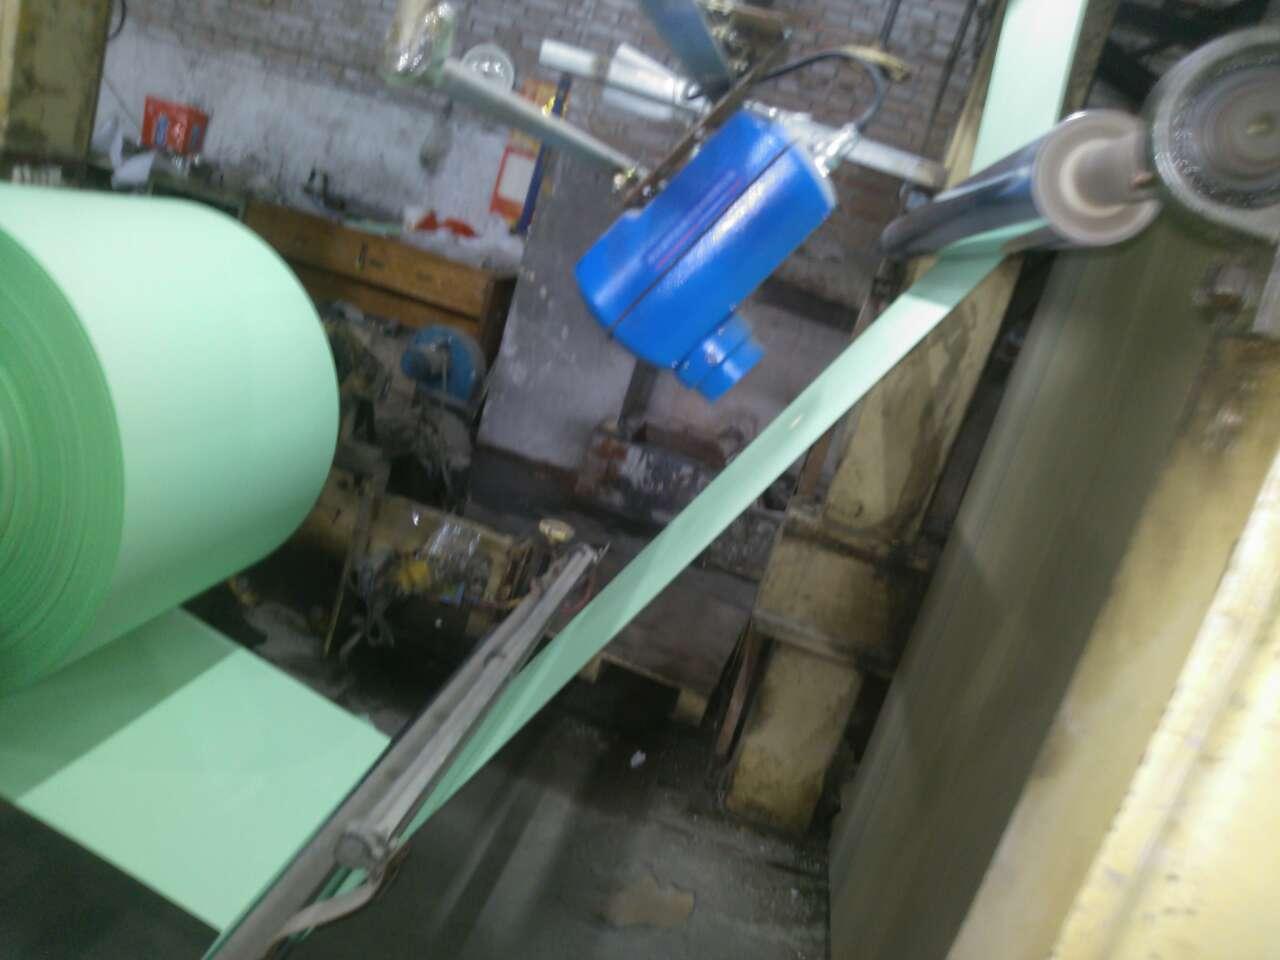 SH-8B反射式在线近红外水分测定仪是非接触式在线连续检测水分含量的仪器,该仪器根据红外吸收原理,采用四波段、八光束的近红外光线测量方式,将经过调制的近红外光从仪表照射到被测物的表面上,经被测物表面吸收和反射后,又被在线近红外水分测量仪的探头所接收,经光电转换器将光信号转换成电信号,并经微电脑进行数据处理,后由显示器显示出被测物的水分含量大小,同时还可以选配符合MODBUS标准的RS485输出接口,连接进入闭环的控制系统,或将测量信号以标准信号0~10mA、 4~20mA的形式输出给控制系统,从而实现生产过程中水分的自动和检测和控制。  、SH-8B近红外在线水分测定仪的优点  1.不受外界环境因素影响:由于在线红外水分检测仪采用特殊的光信号、电信号处理,因而不受周围环境温度及相对湿度的影响。测量采用八光束测量方式,克服了色差变化对测量精度的影响。  2.SH-8B近红外在线水分测量仪采用特殊的结构设计,无须冷却水冷却,标定简单,安装方便,操作简单,运行稳定可靠。实时准确的检测出生产线上被测材料的含水率的纵向和横向分布情况,为厂家改善生产控制材料的含水率提供可靠的依据,从而节约原料、节约能源和产品质量的目的。